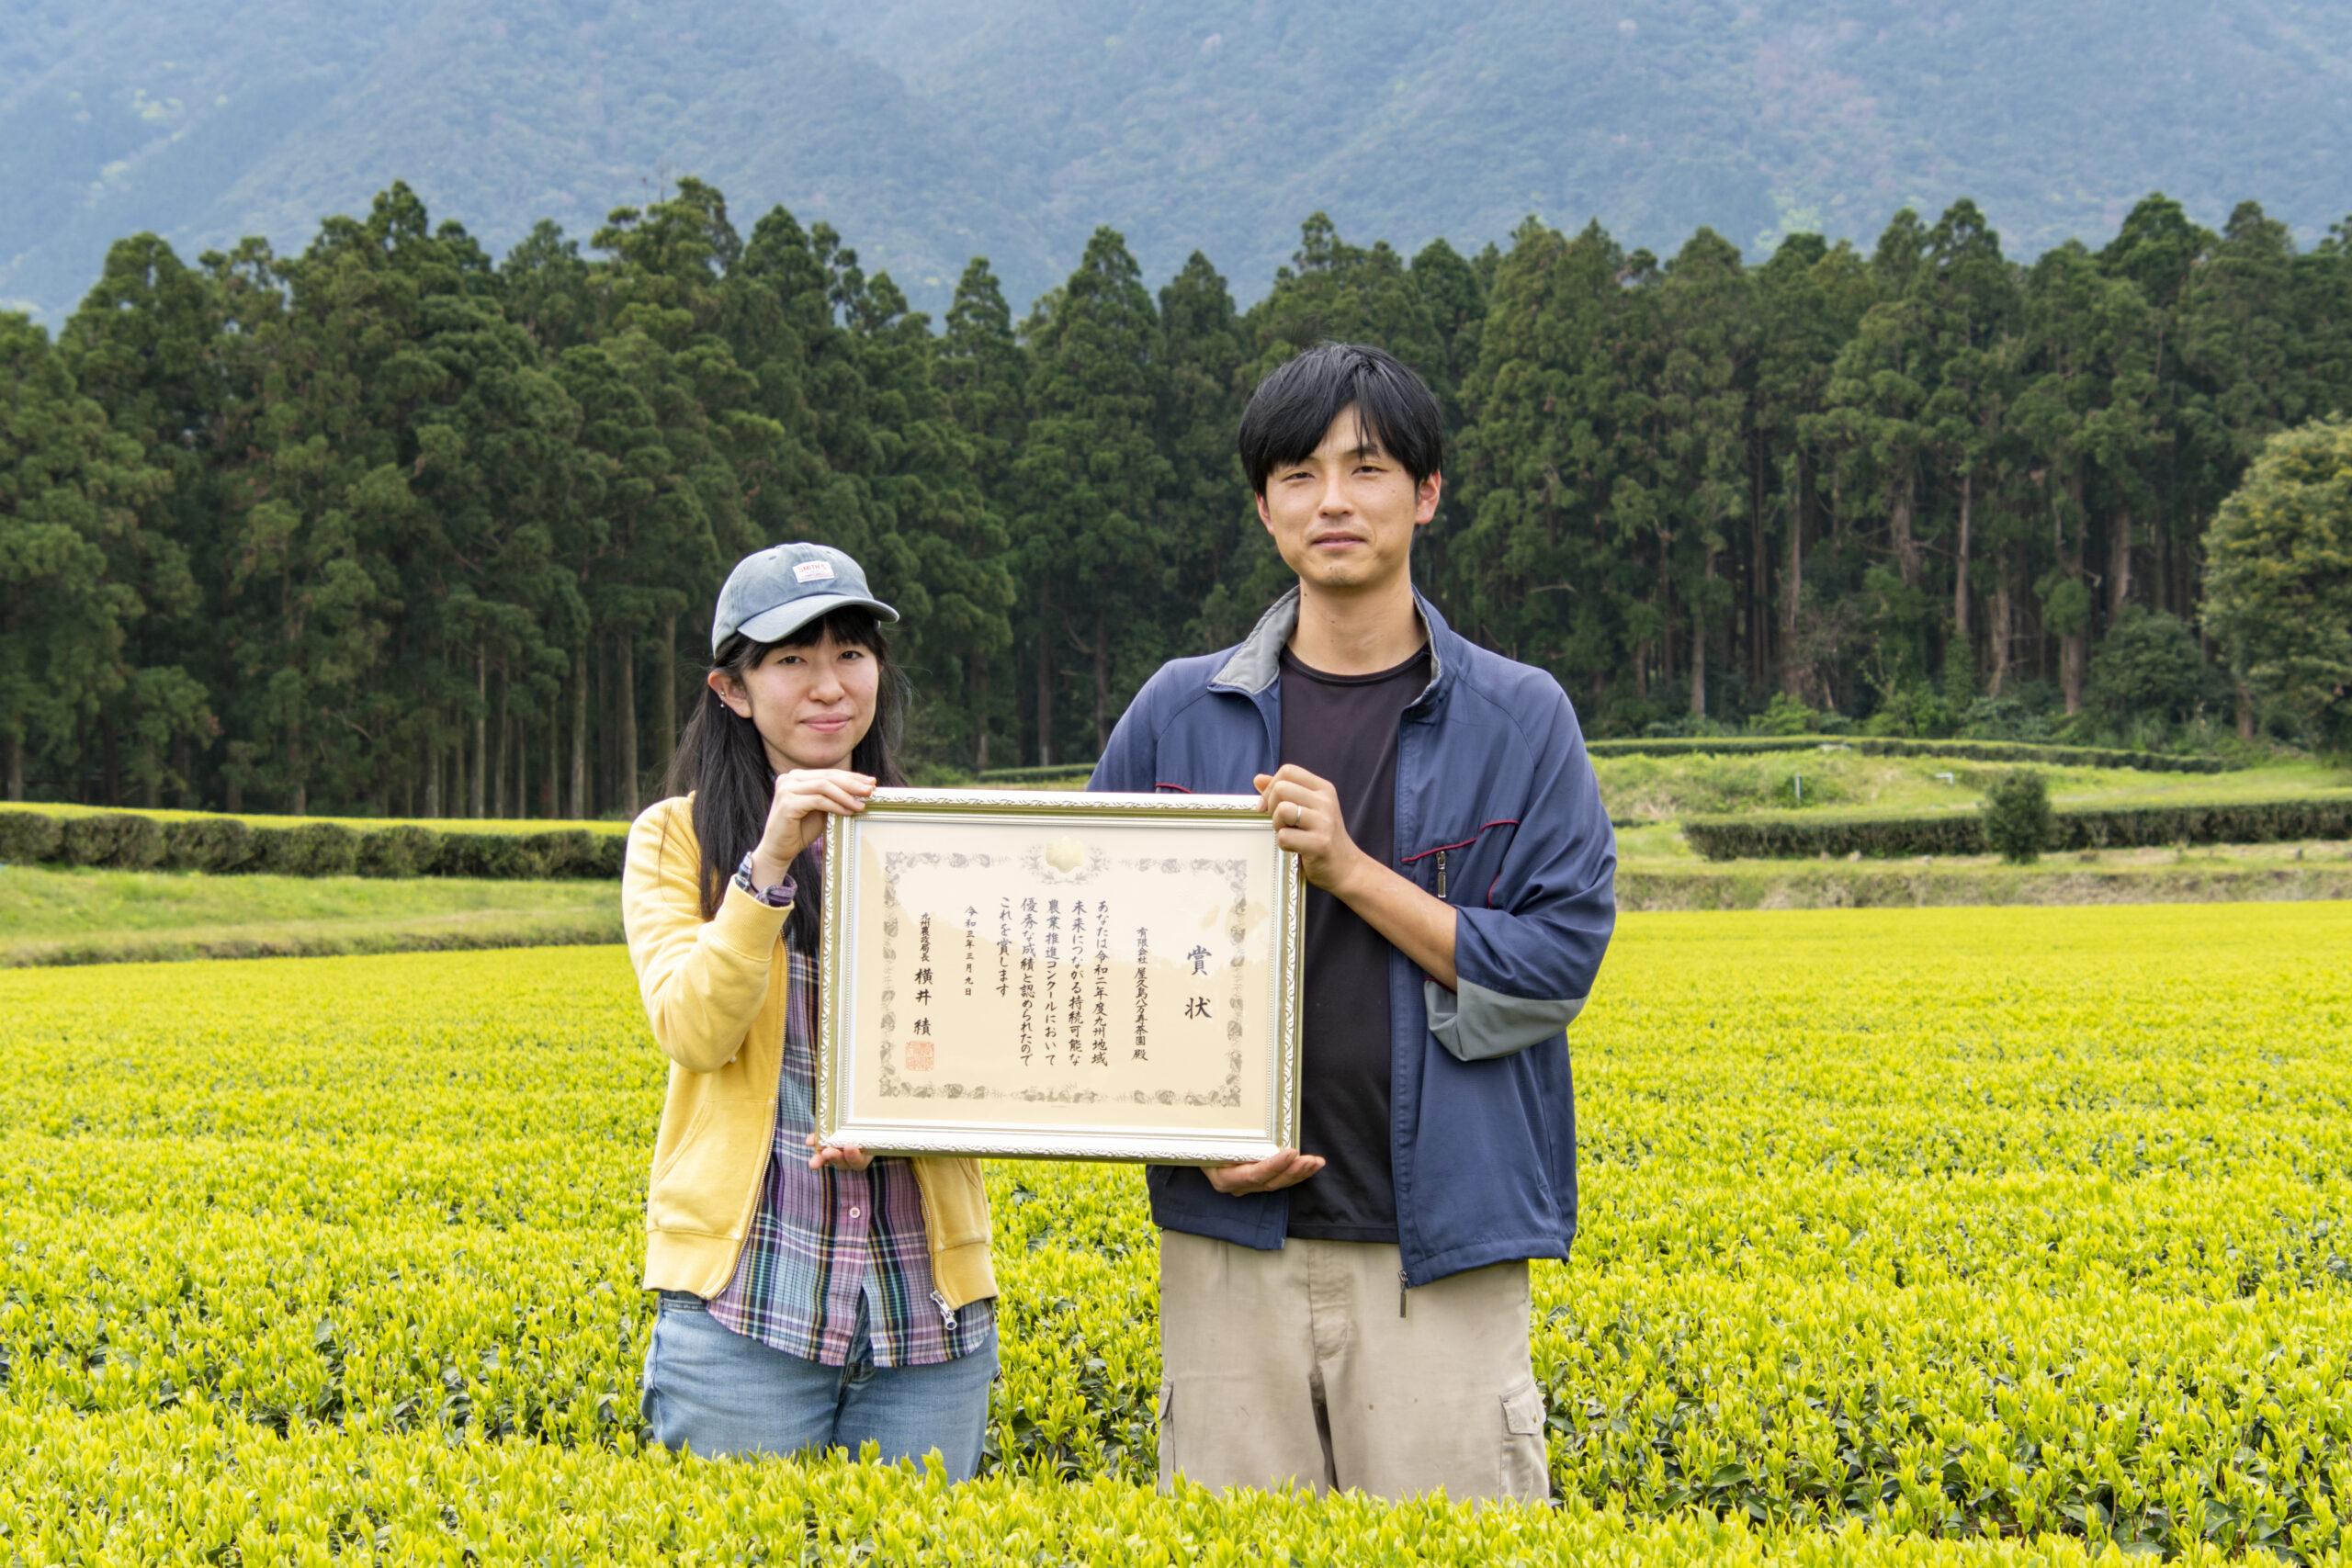 Mariko und Keita Watanabe präsentieren stolz die Auszeichnung für nachhaltige und zukunftsfähige Landwirtschaft